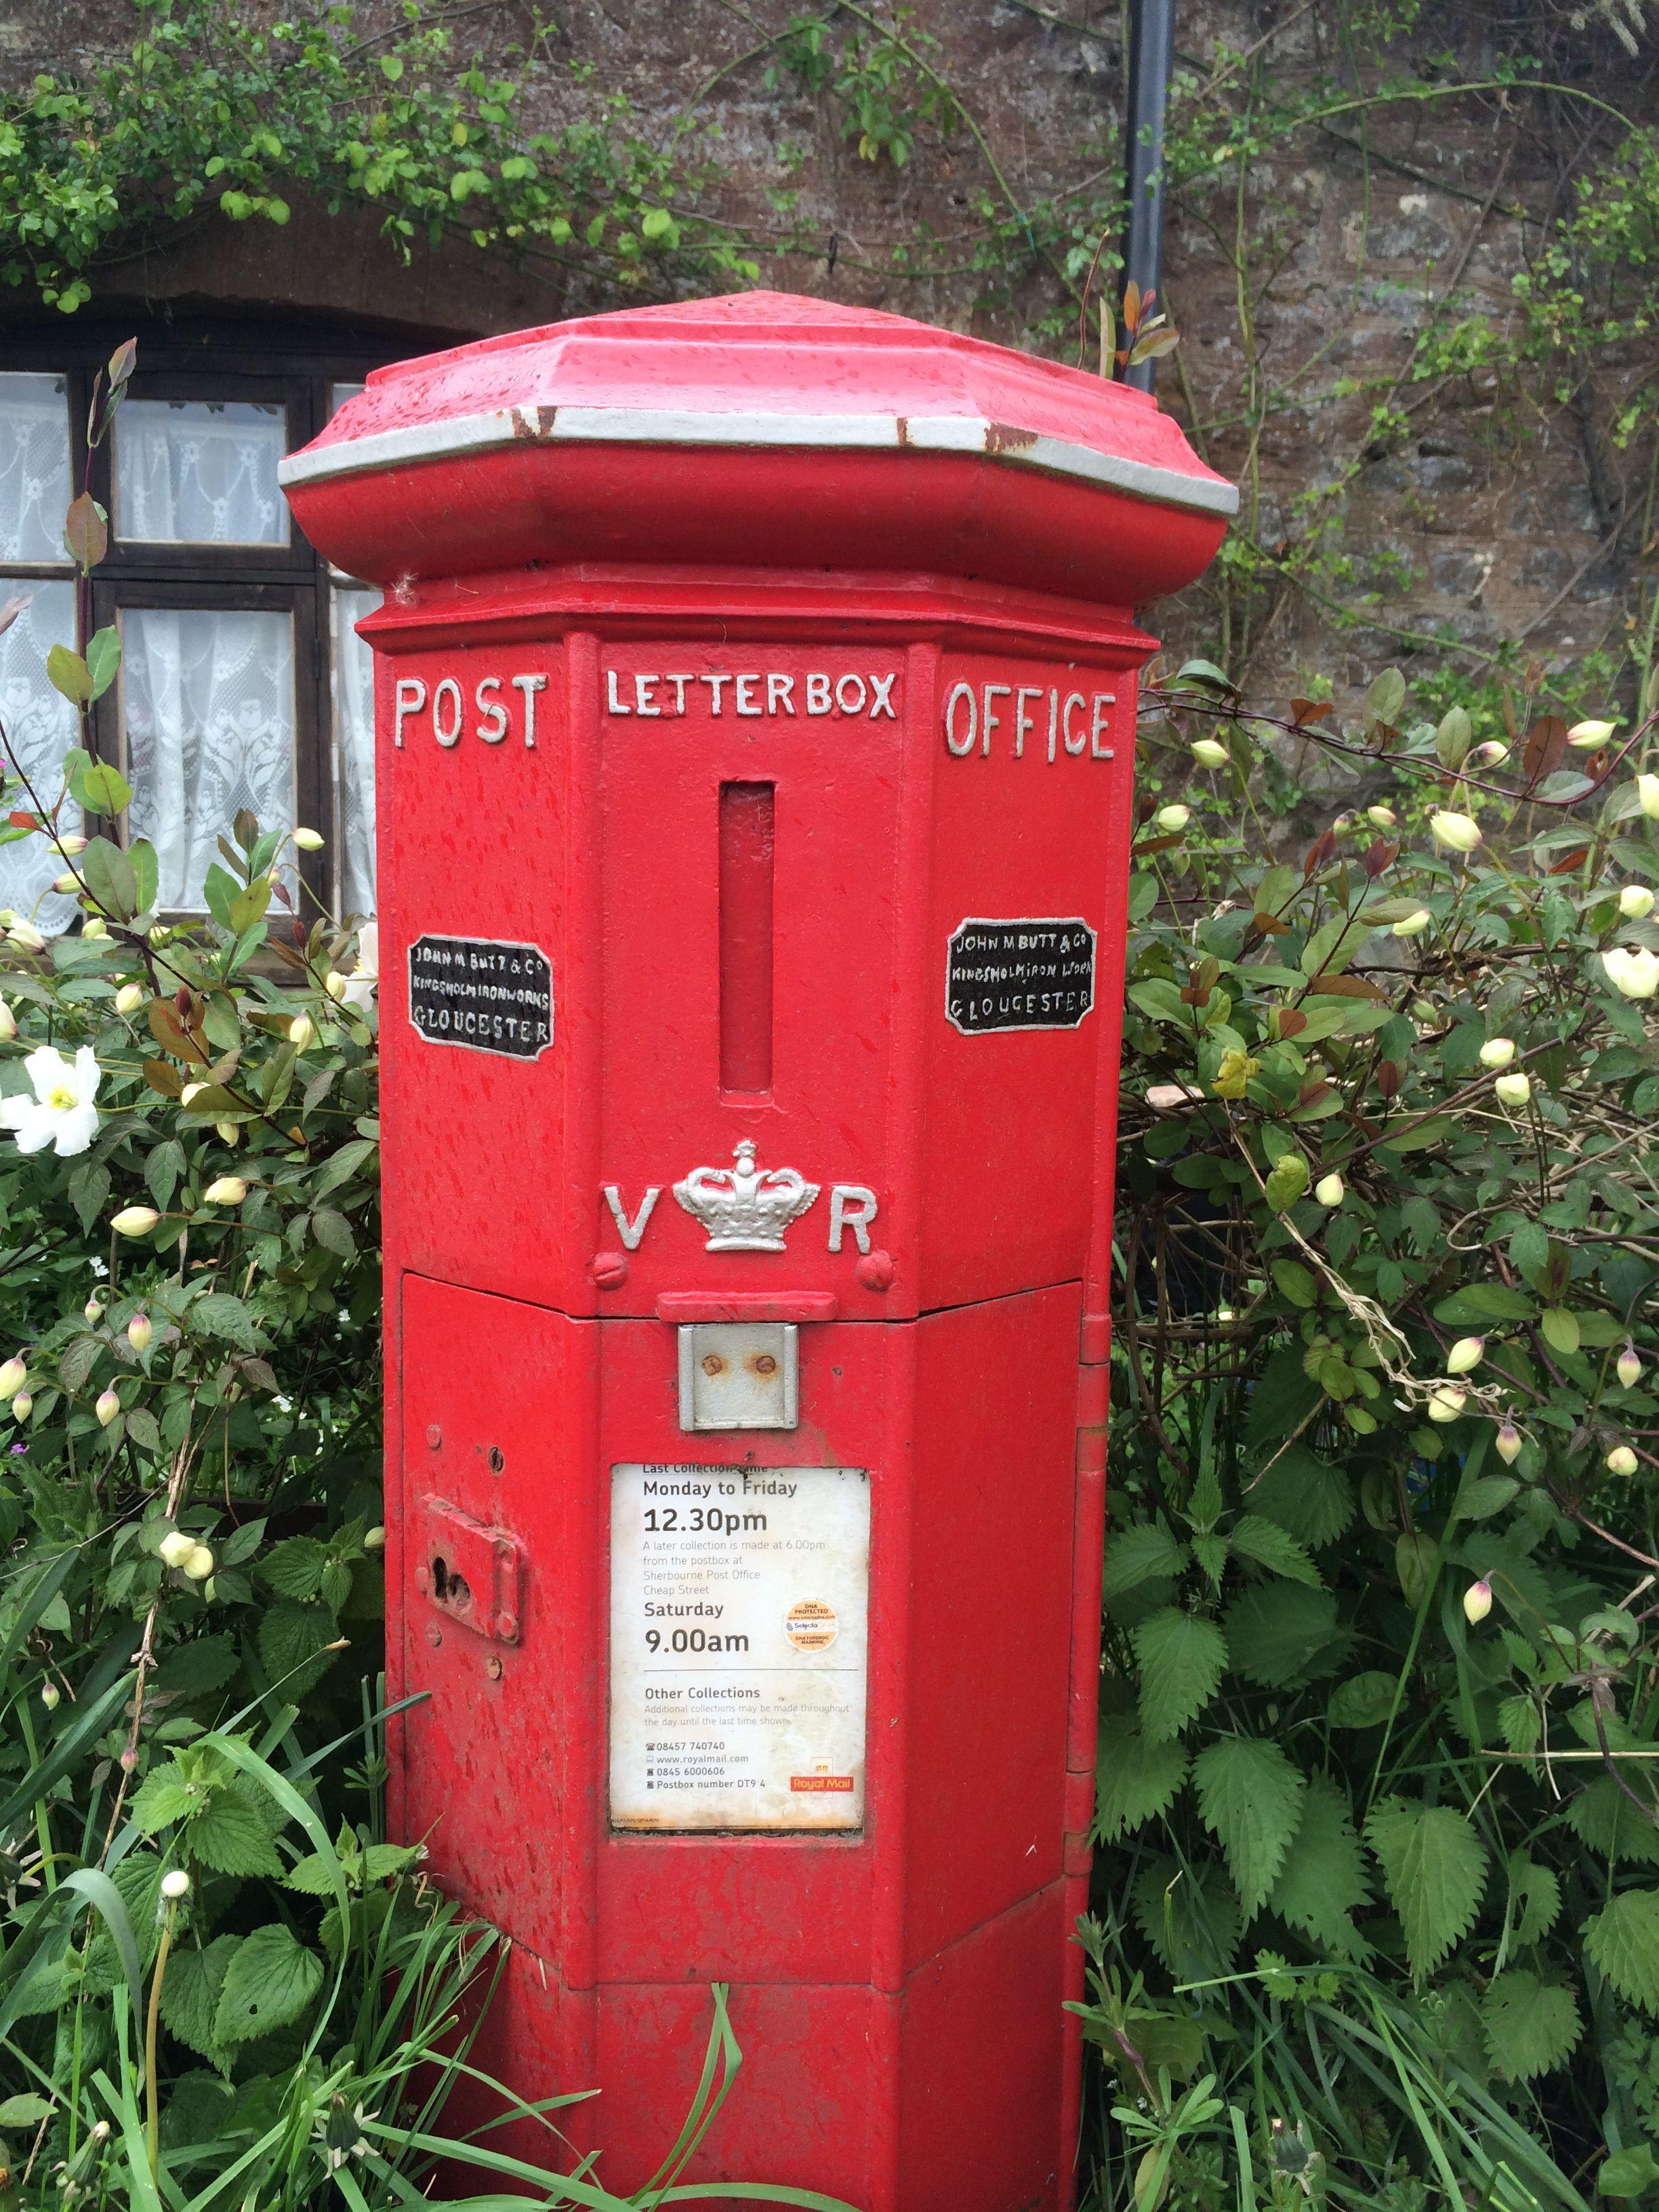 Oldest post box in use, Sherborne, Dorset, UK Post box